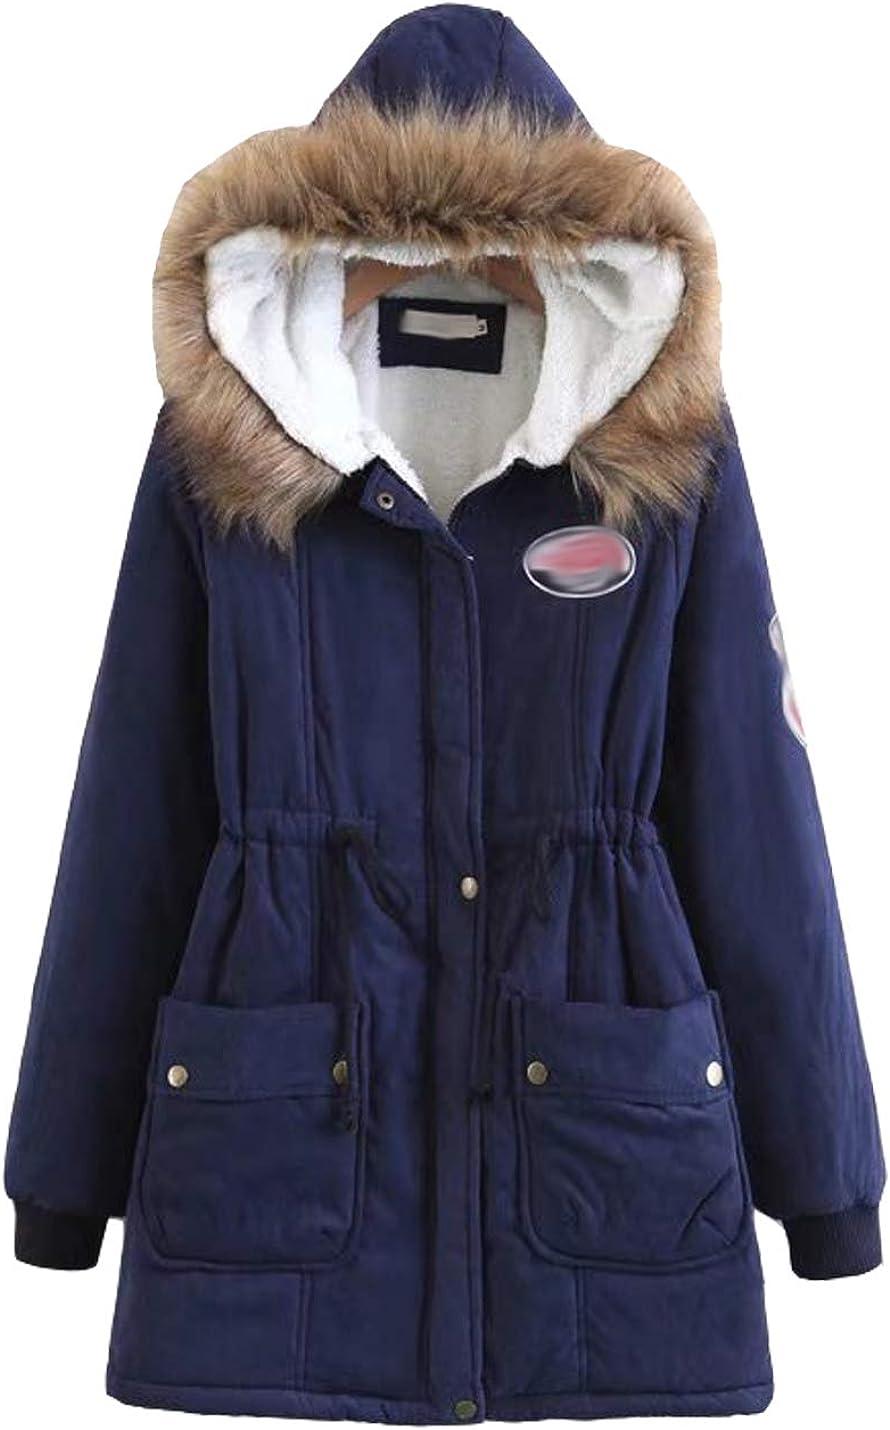 Hongsui Women's Winter Warm Long Coat Fur Collar Hooded Jacket Slim Parka Outwear